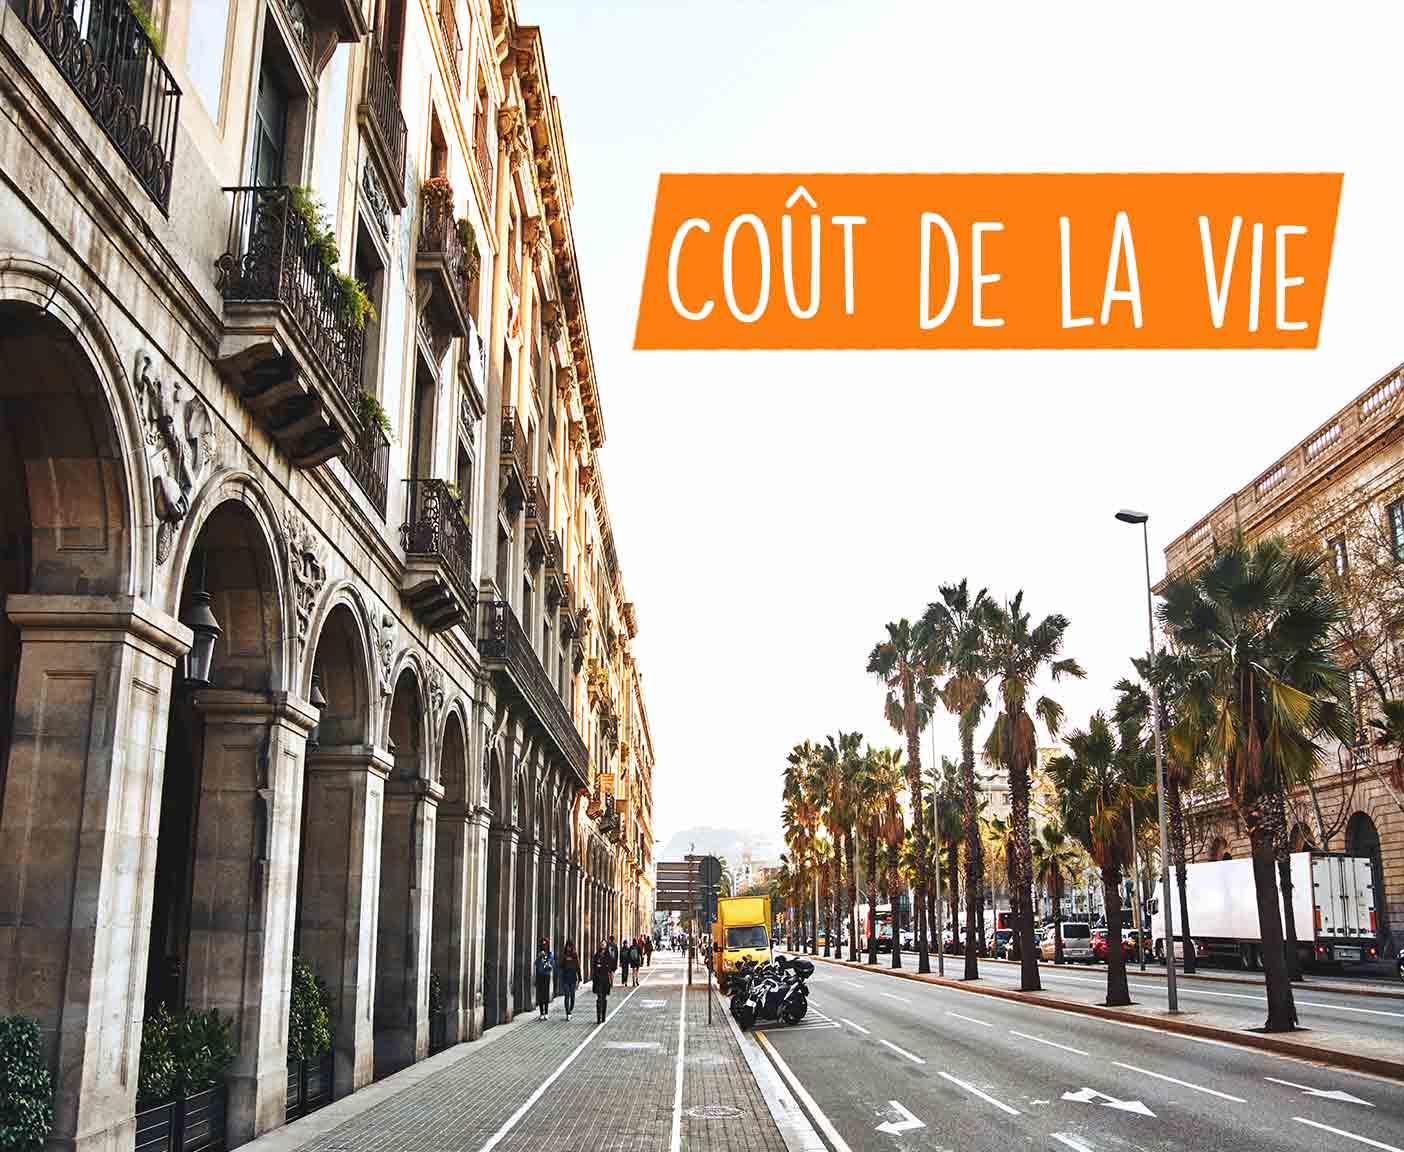 espagne-roadtrip-prix-vanlife-vacance-budget